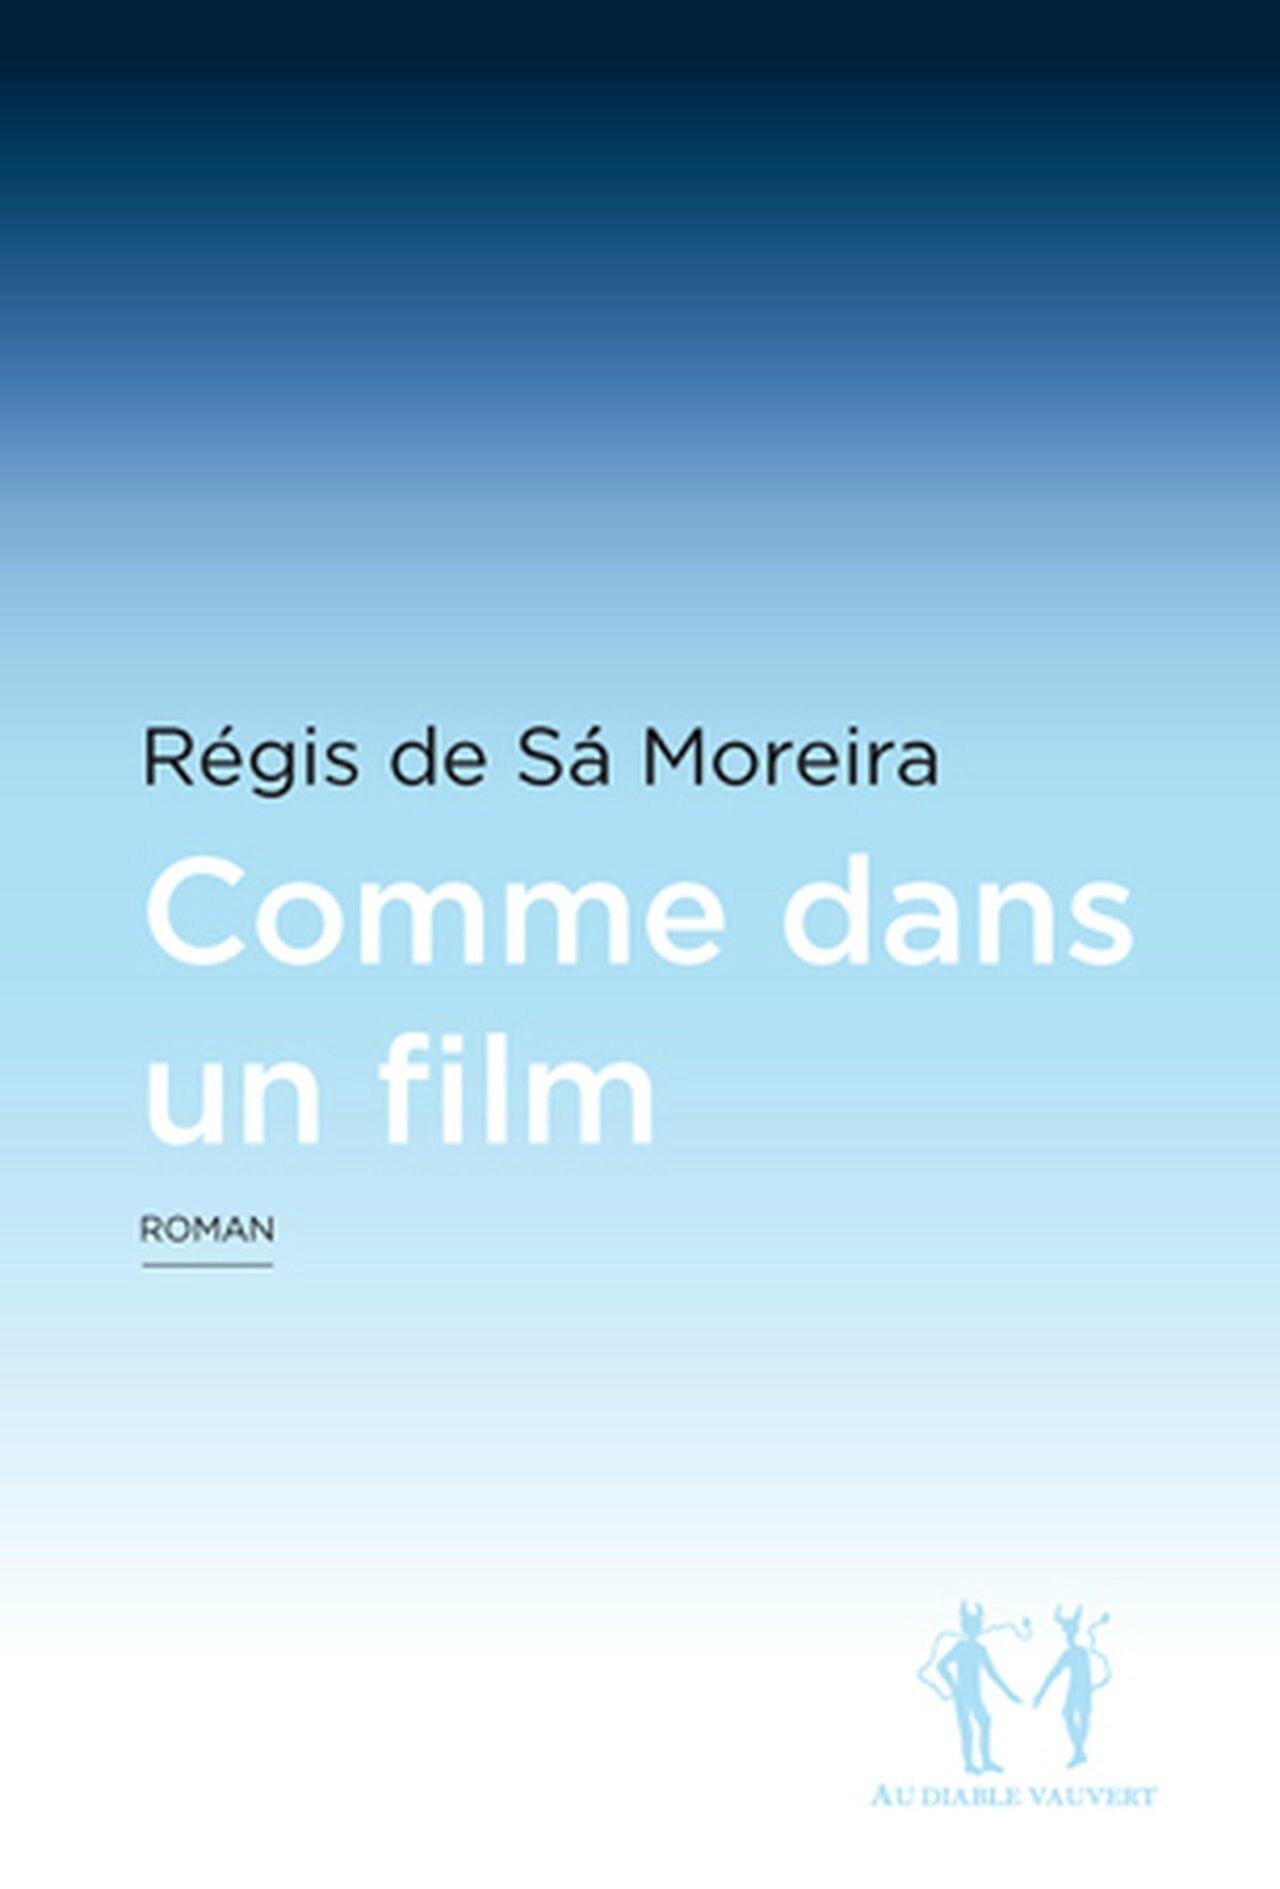 COMME DANS UN FILM - Régis de SÁ MOREIRA